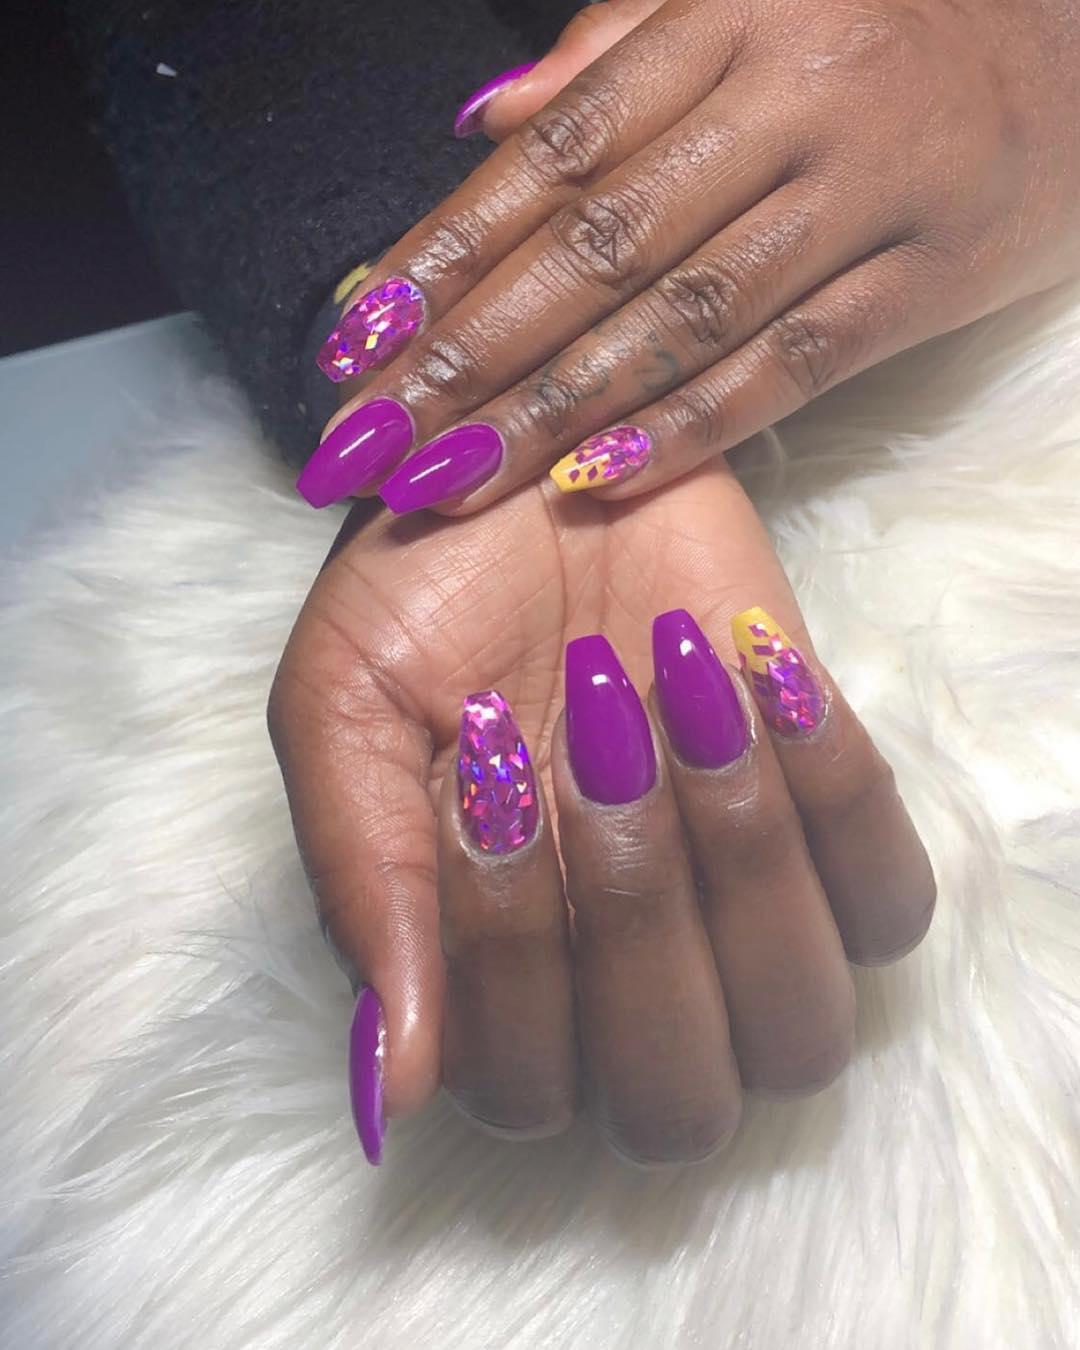 cute purple nail art ideas 2019 12 - 24 Cute Purple Nail Art Ideas 2019